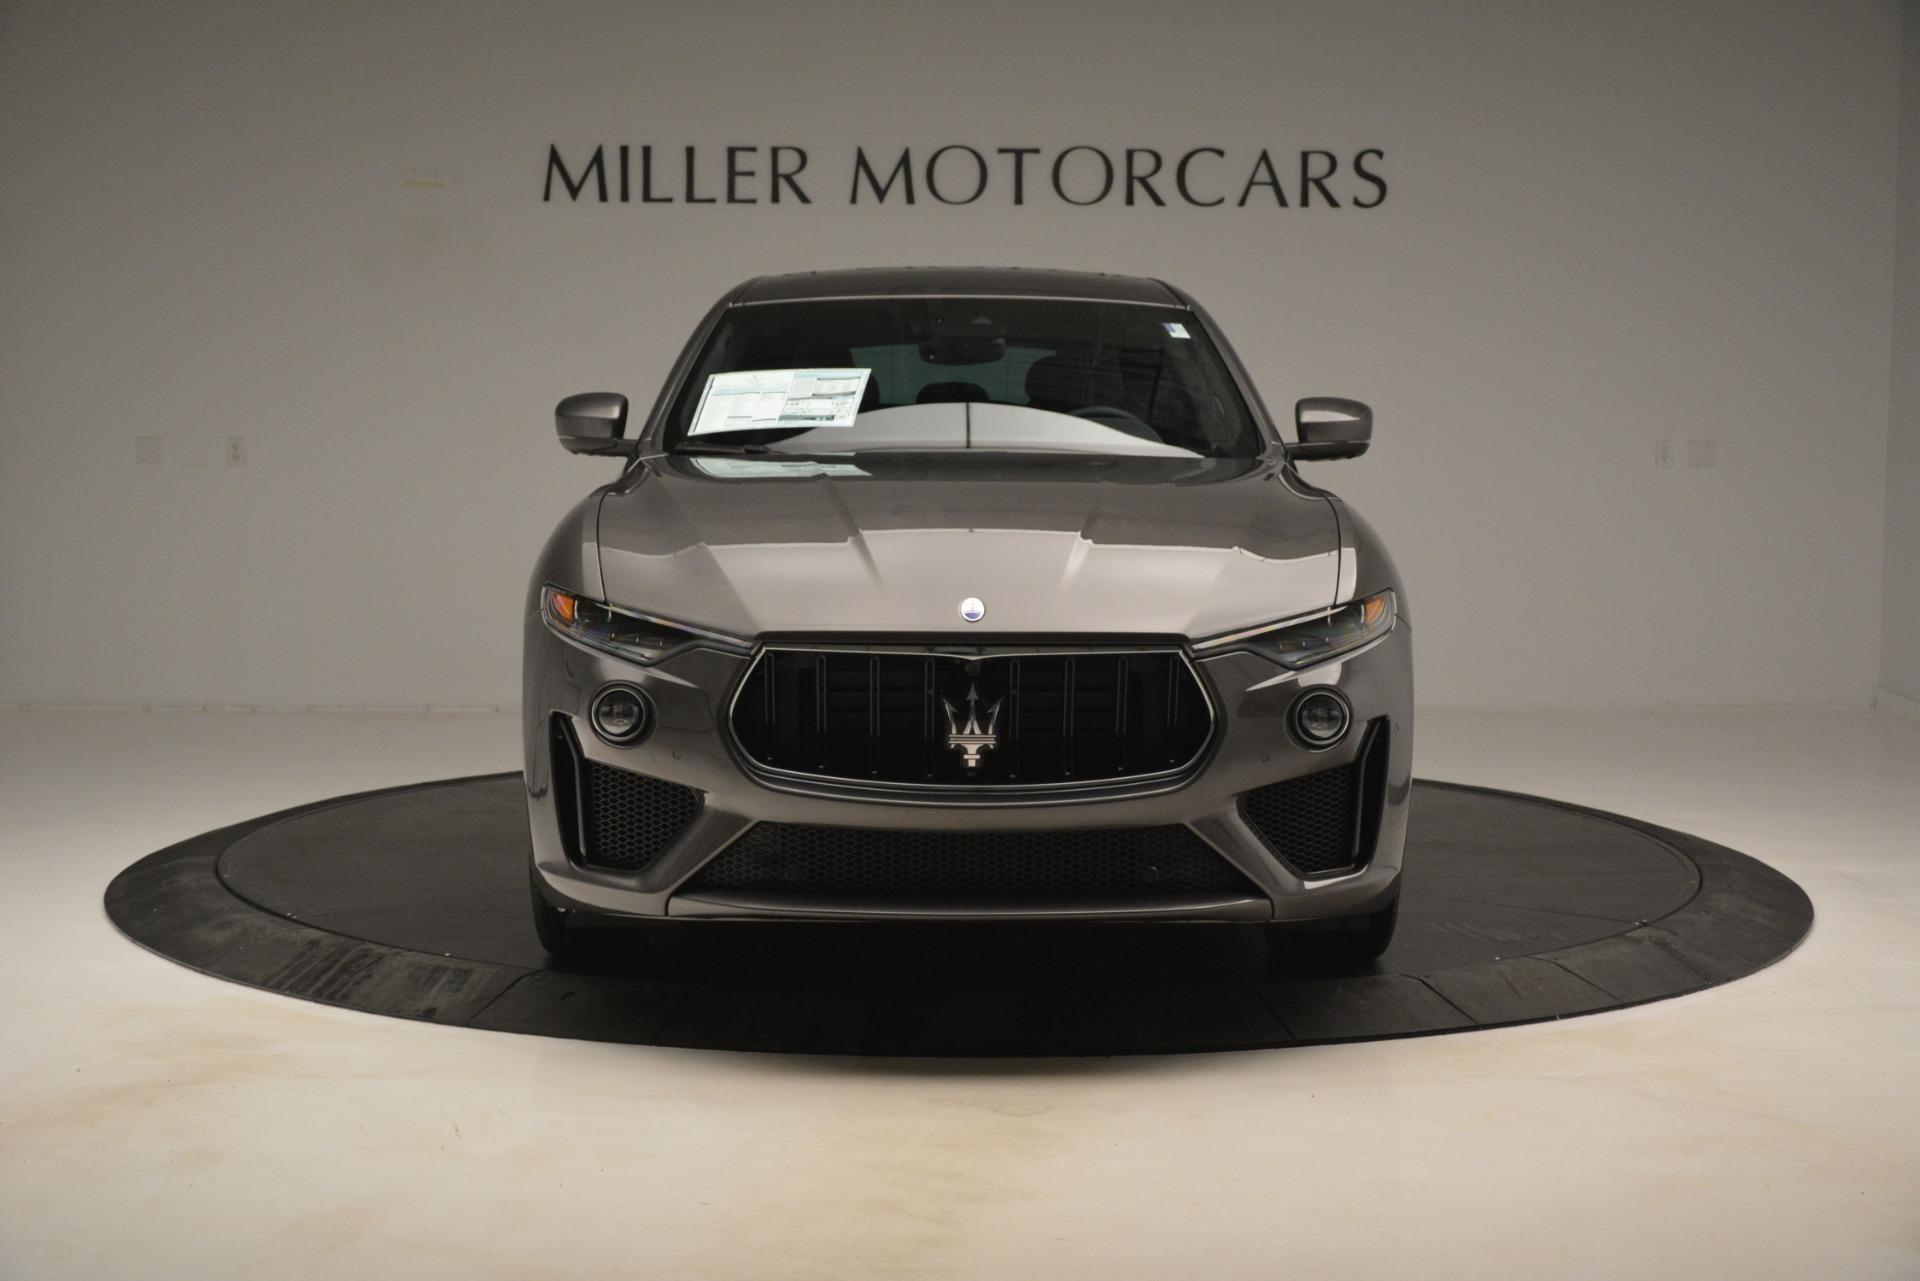 New 2019 Maserati Levante GTS For Sale In Greenwich, CT 3015_p12